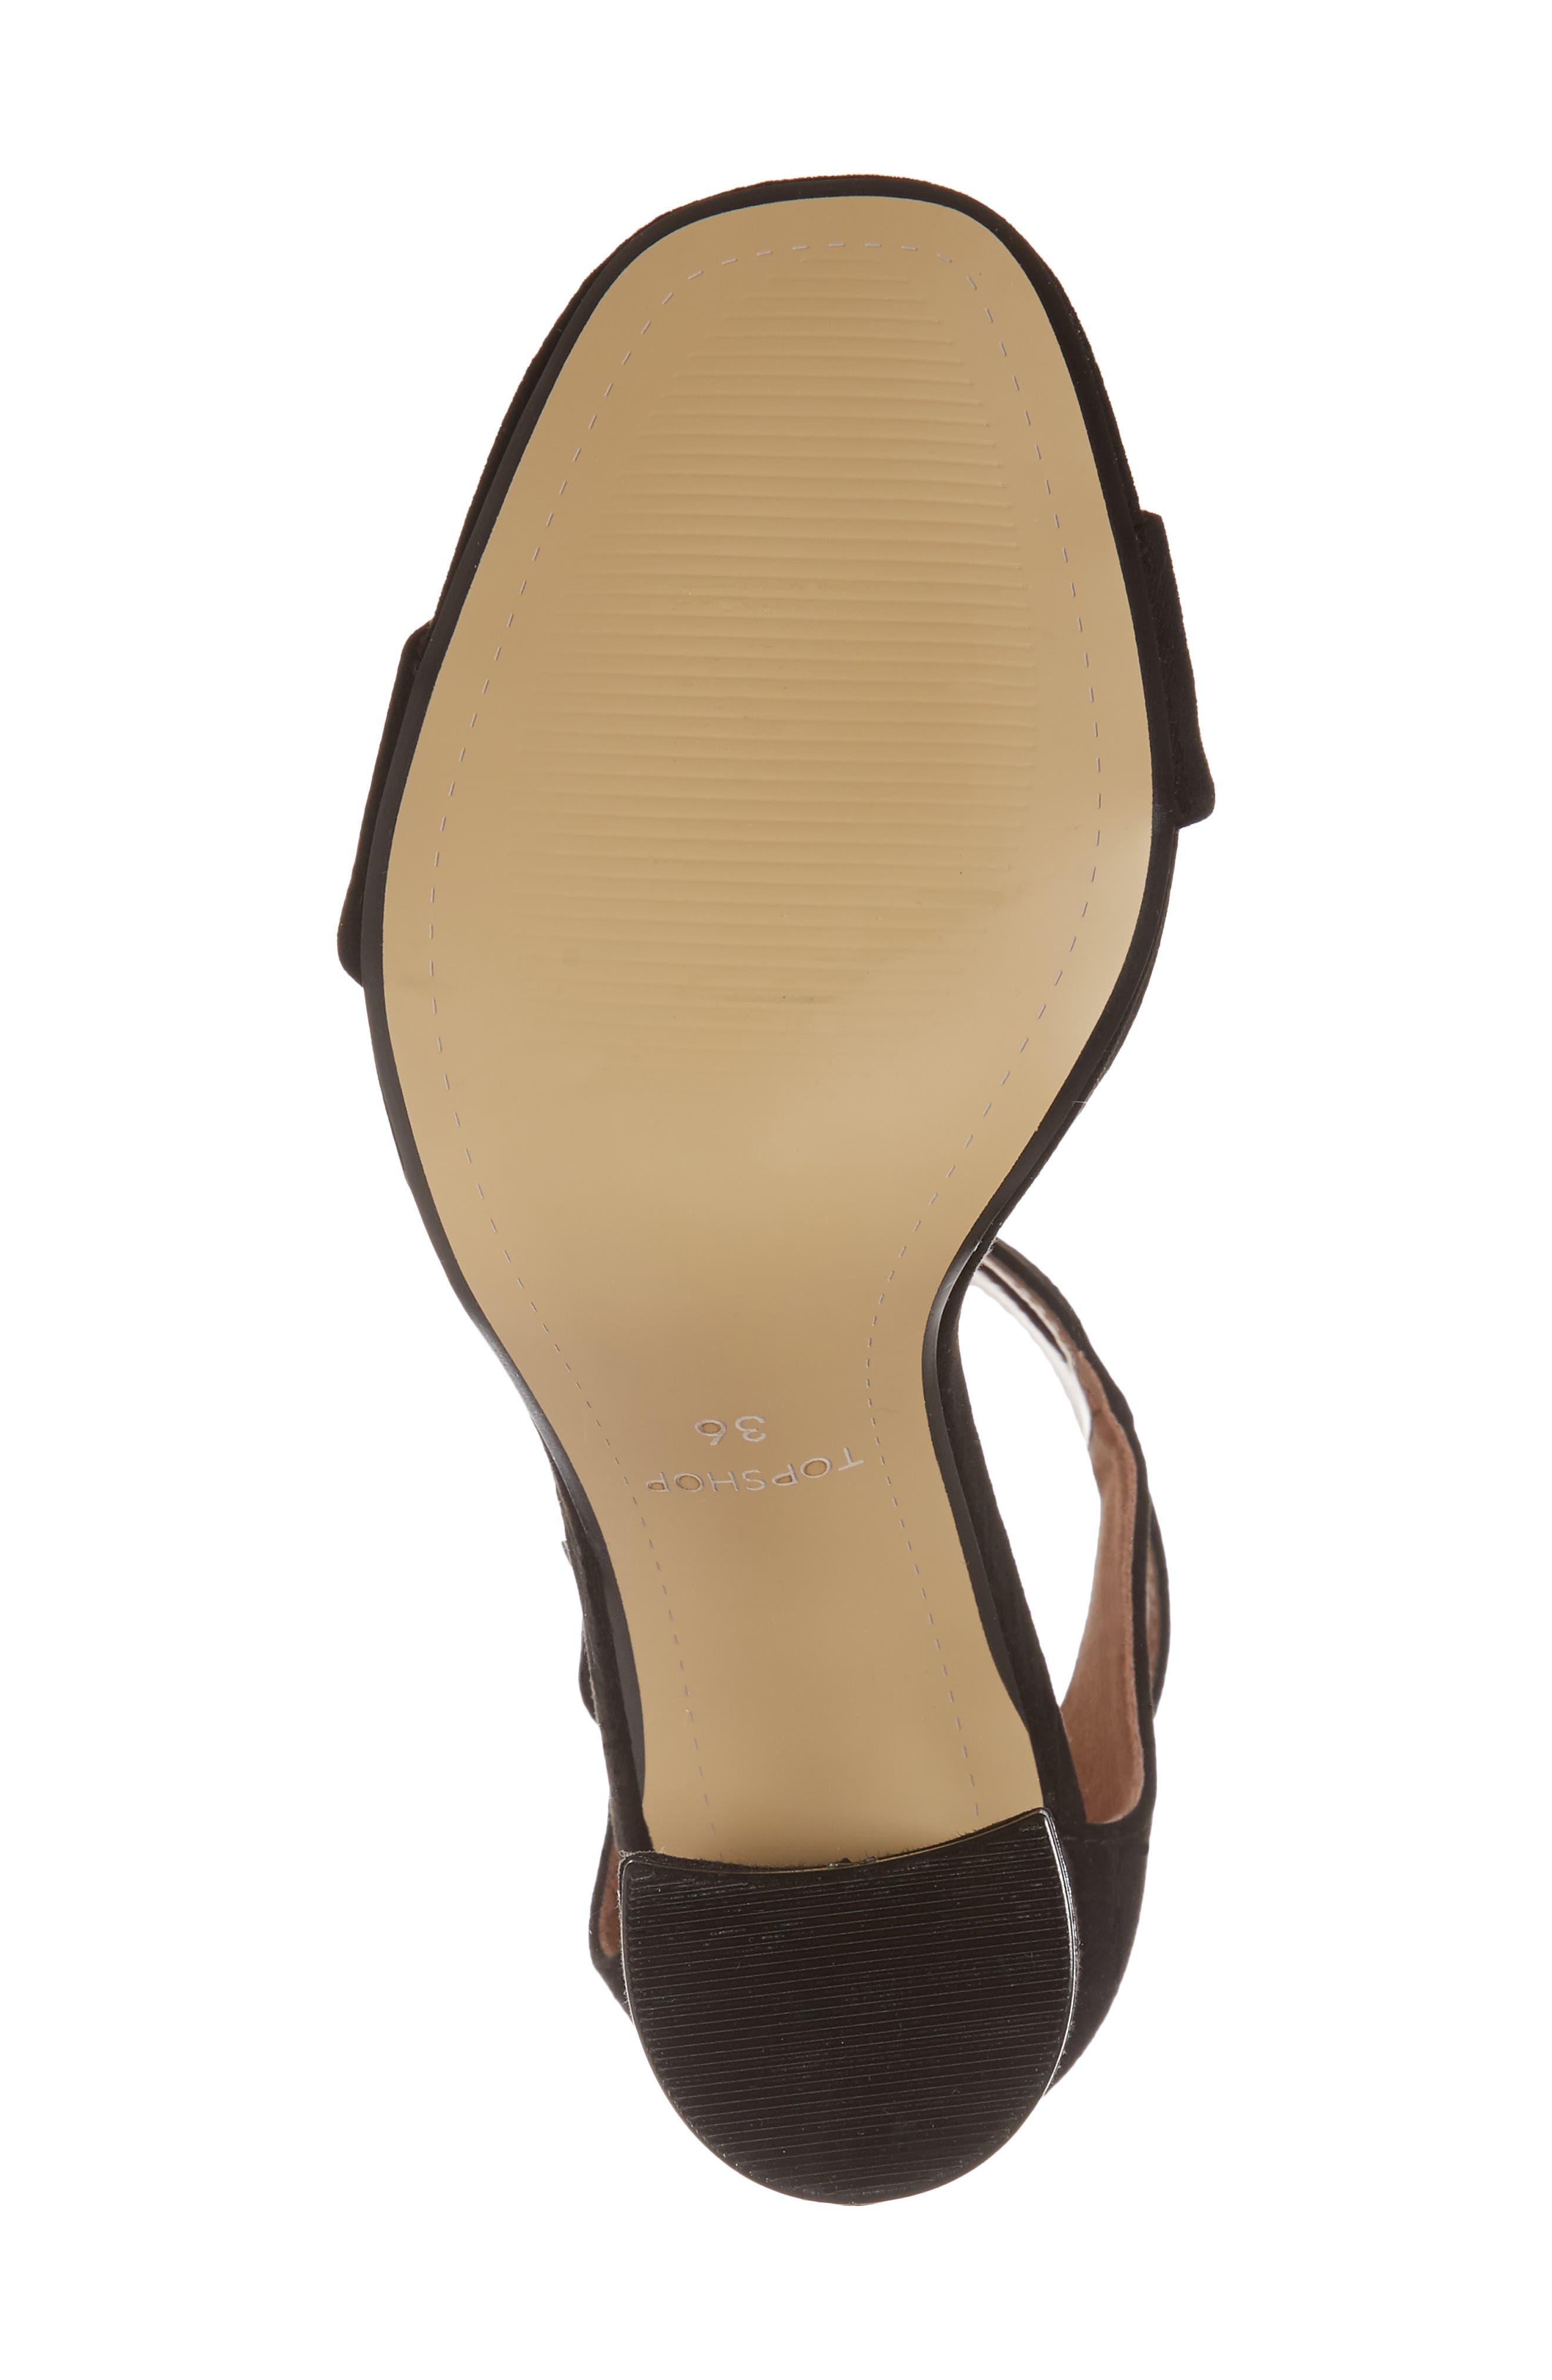 Sinitta Crossover Sandal,                             Alternate thumbnail 6, color,                             001